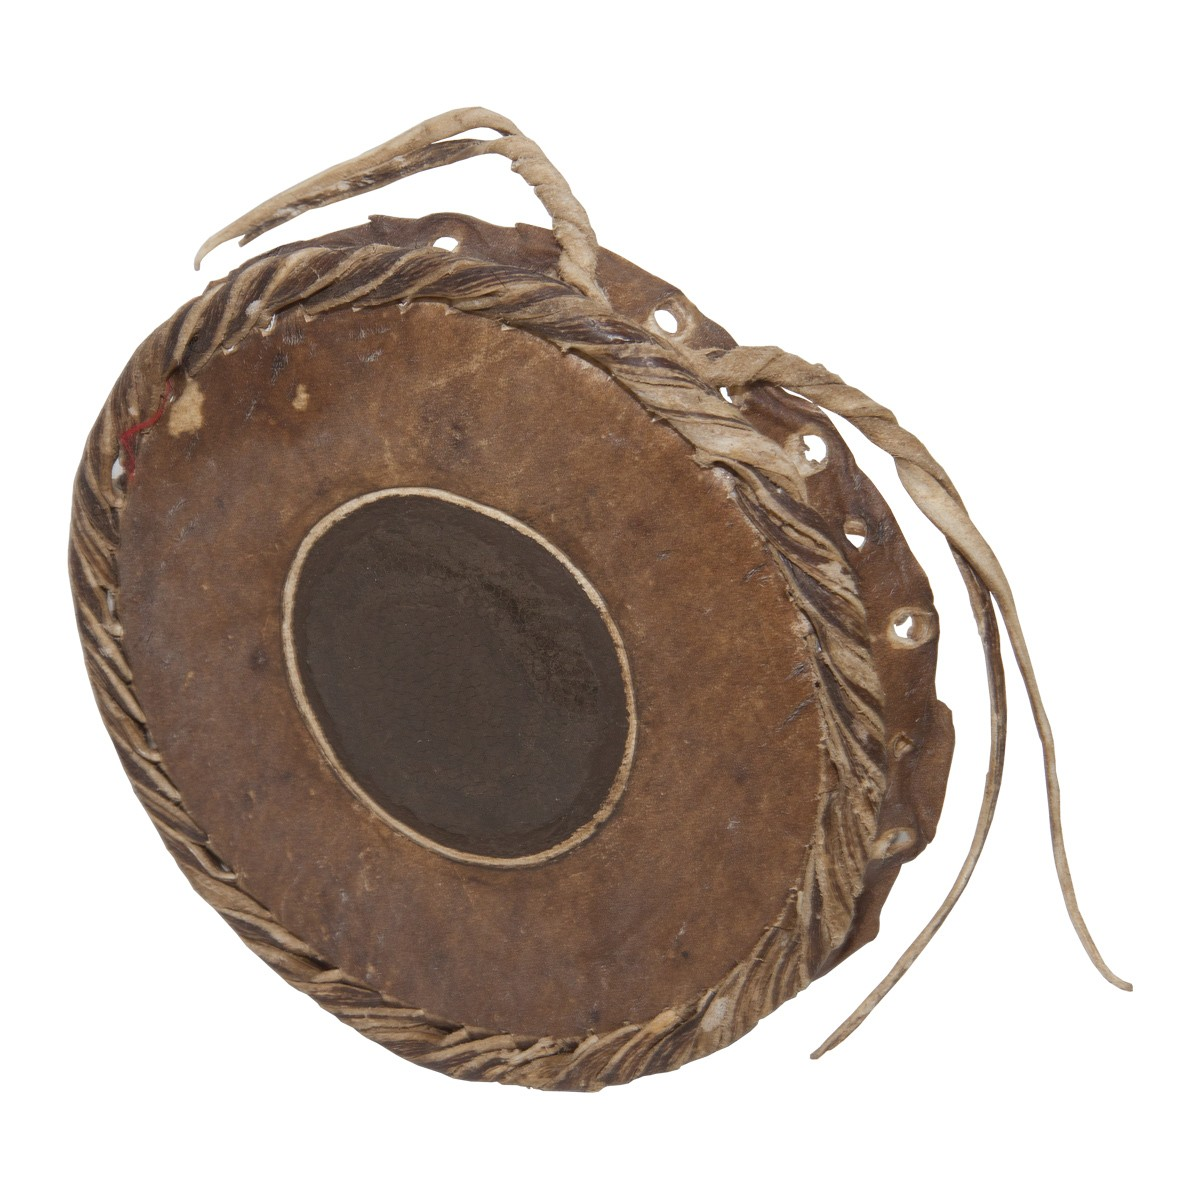 banjira Pitched (Valanthalai) Mridangam Head 6.5'